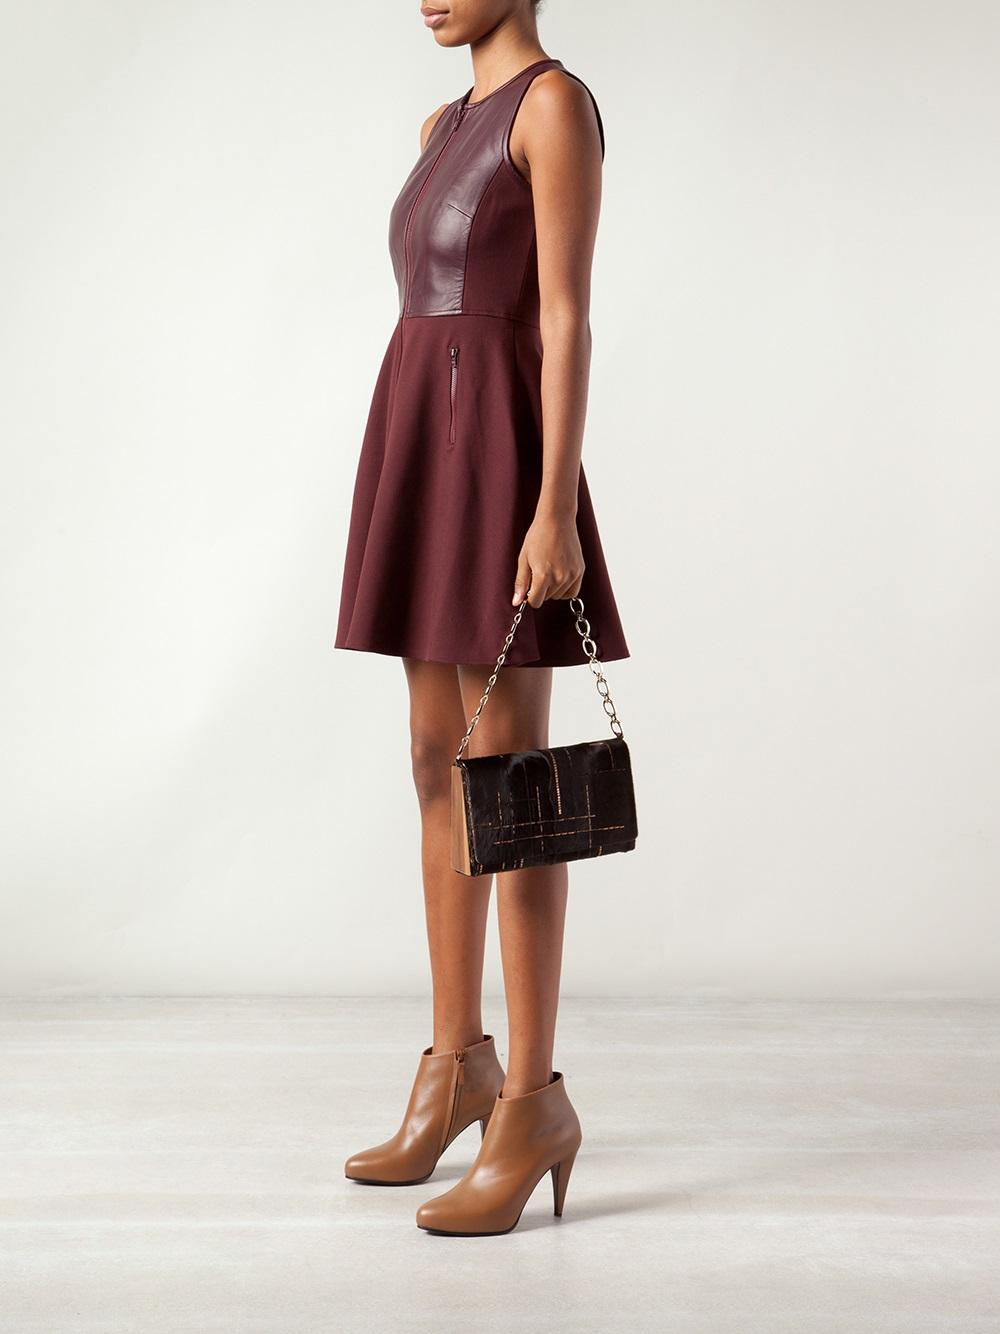 Jill haber Sequin Shoulder Bag in Brown | Lyst